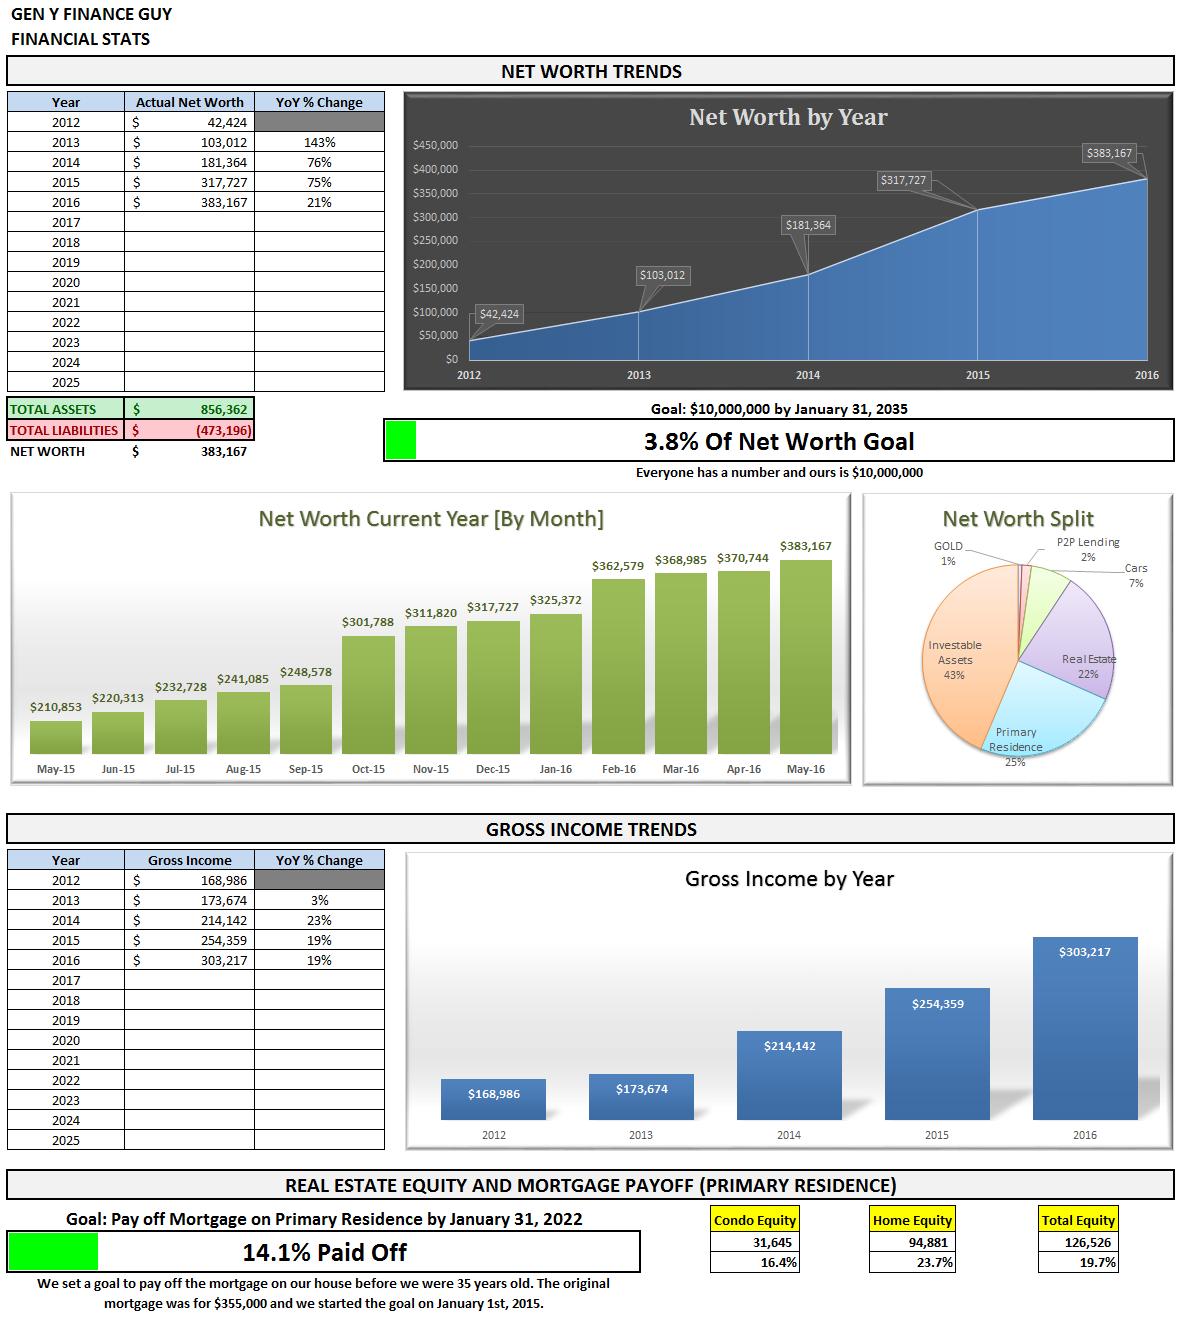 May 2016 Financial Stats